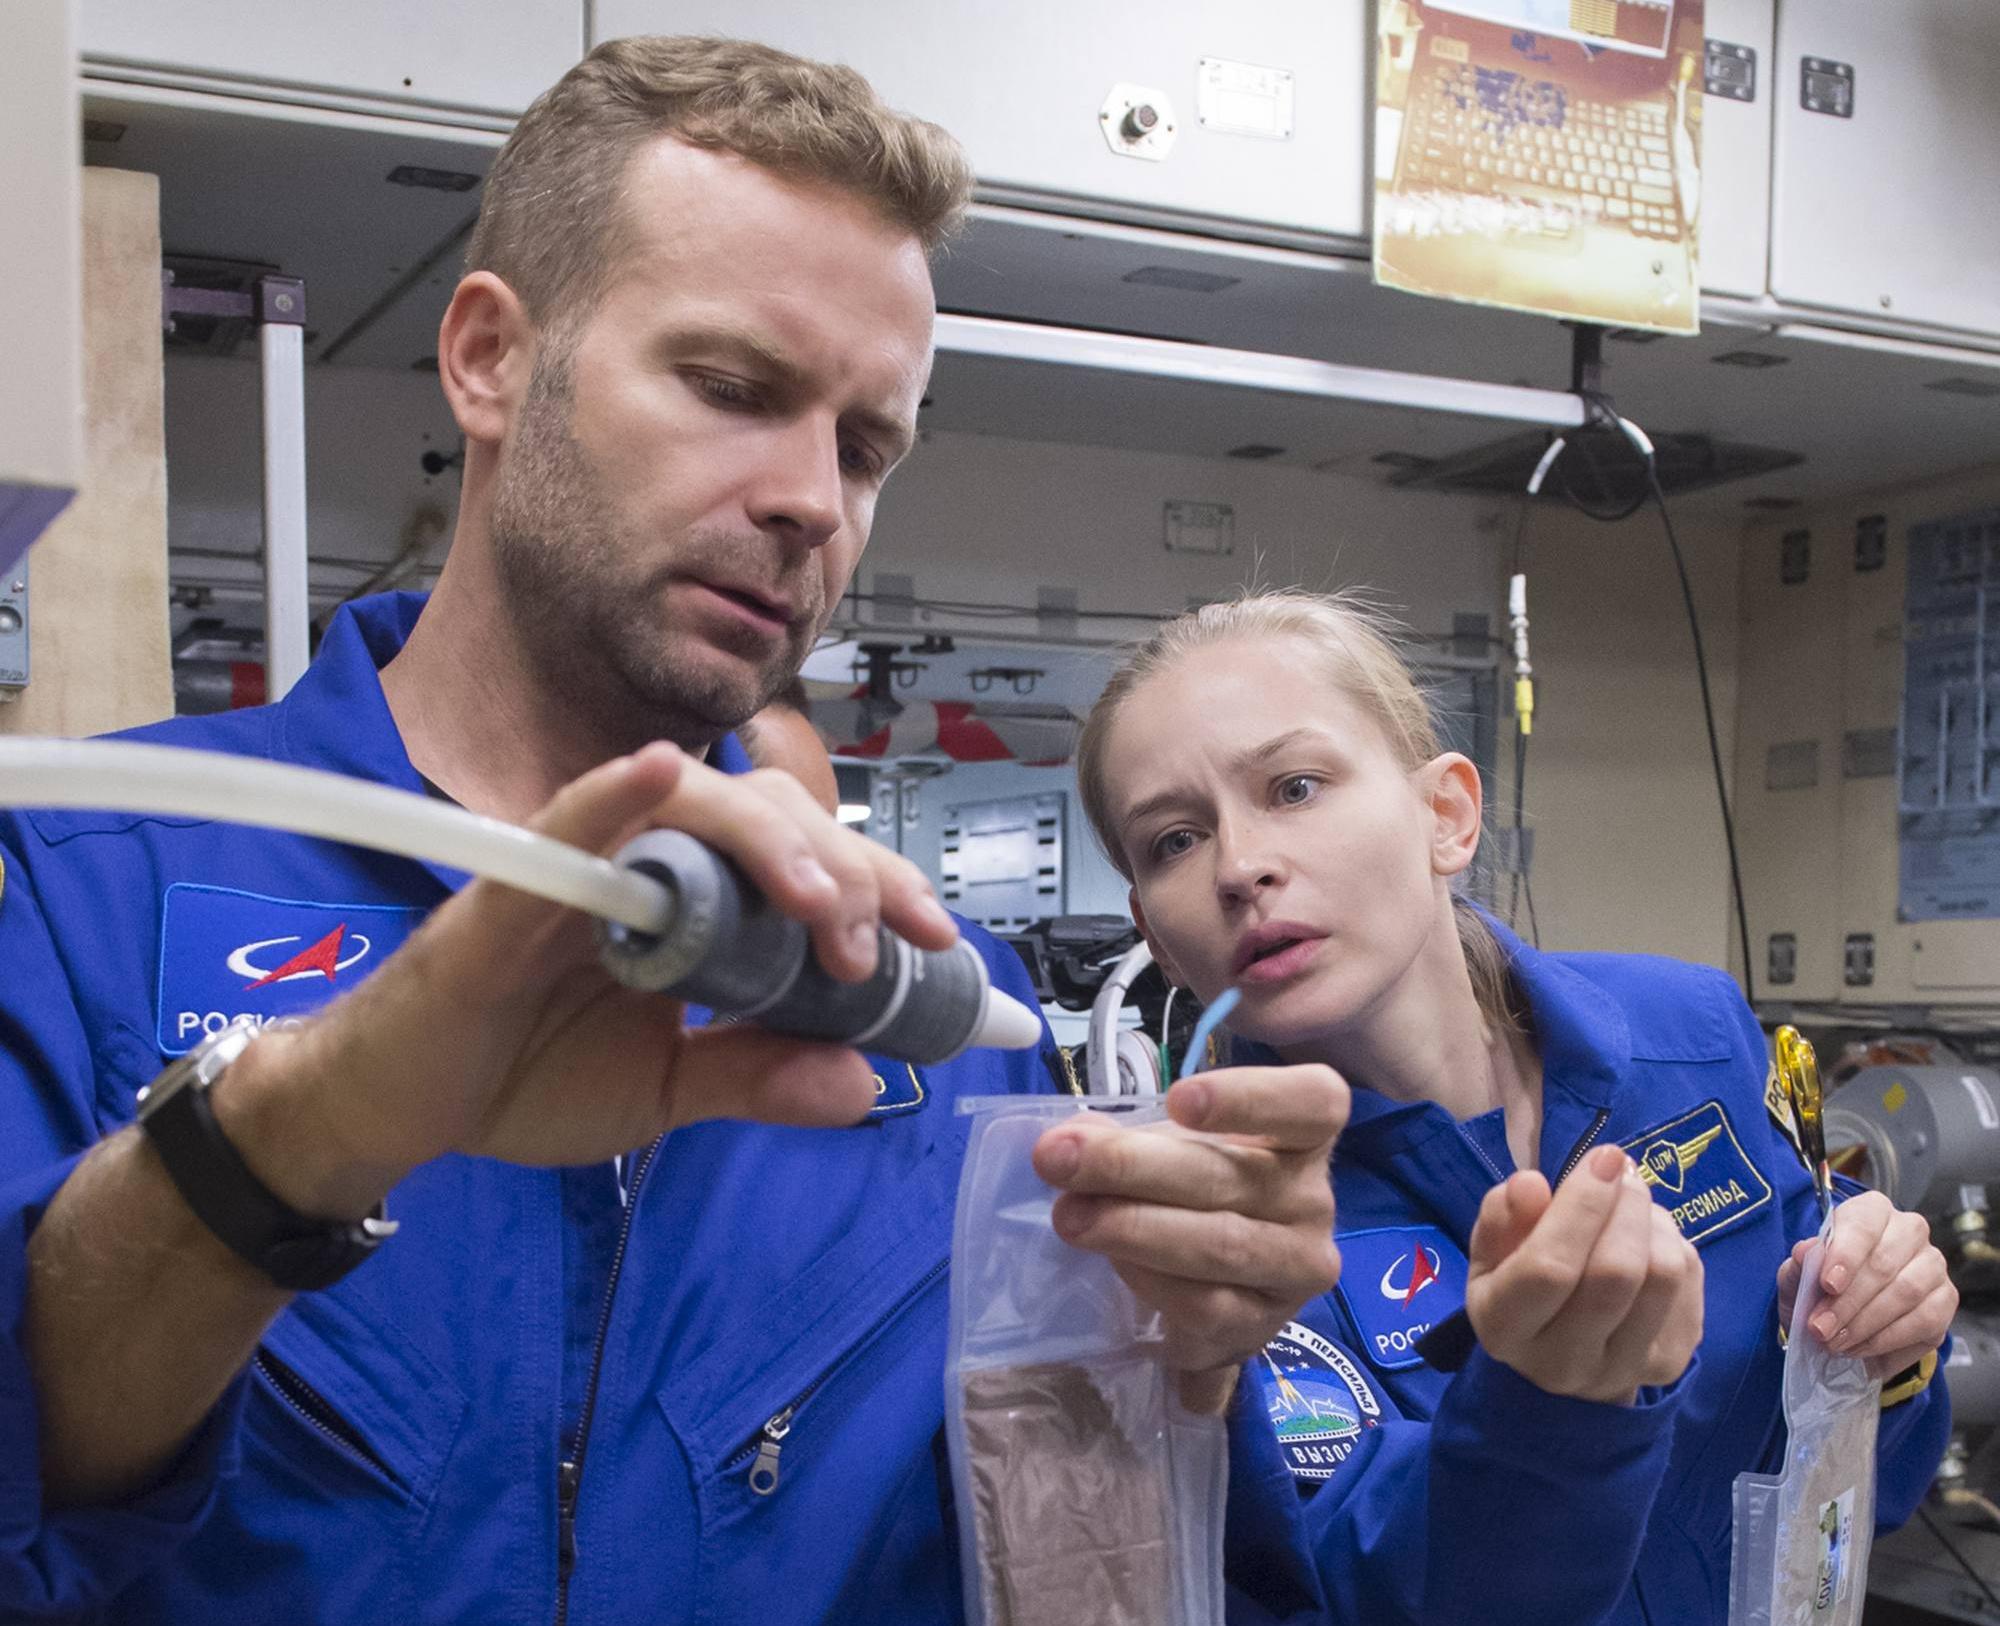 Klim Shipenko et Youlia Peresild s'habituent à préparer le repas.